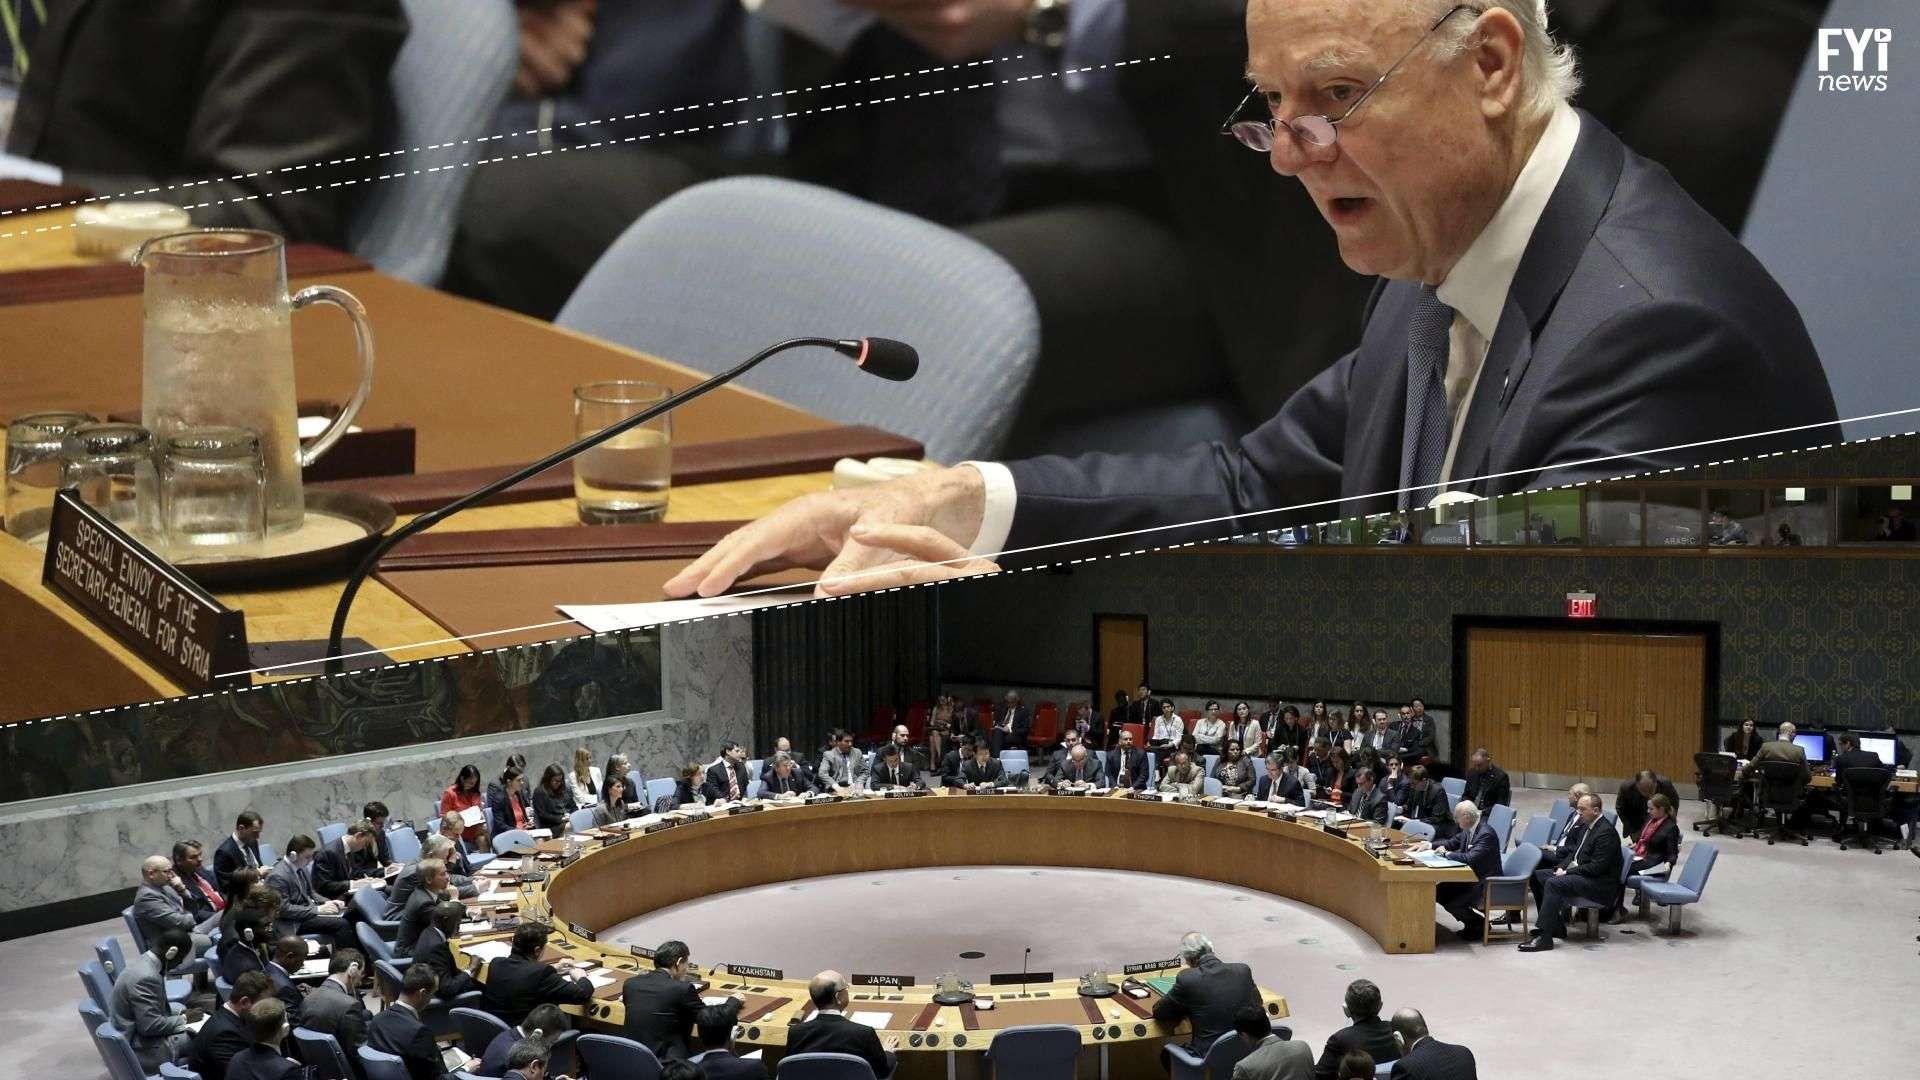 ¡Sin justicia! El ataque químico en Siria sigue sin culpables